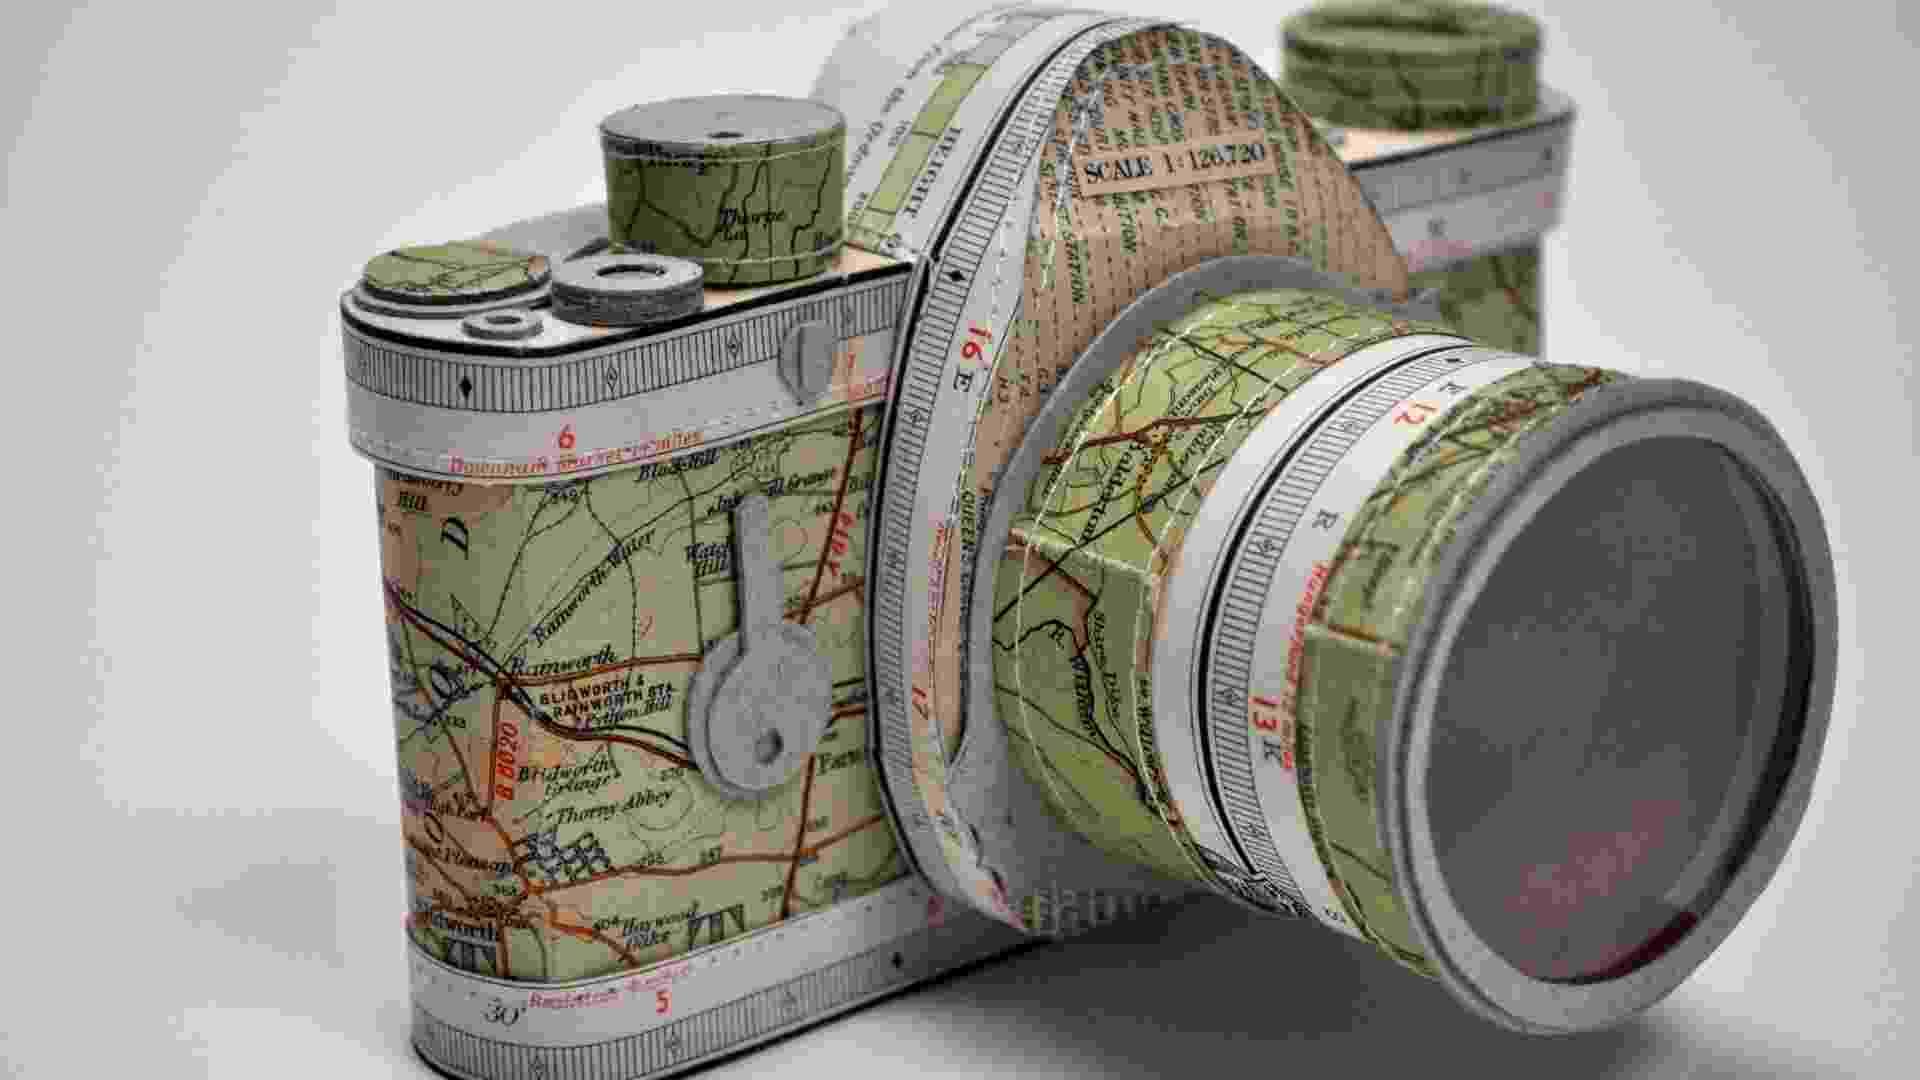 A artista britânica Jennifer Collier usa papéis como tecidos, para recriar objetos do cotidiano com riqueza de detalhes. Acima, uma câmera fotográfica feita com mapas e papel craft - Jennifer Collier/www.jennifercollier.co.uk